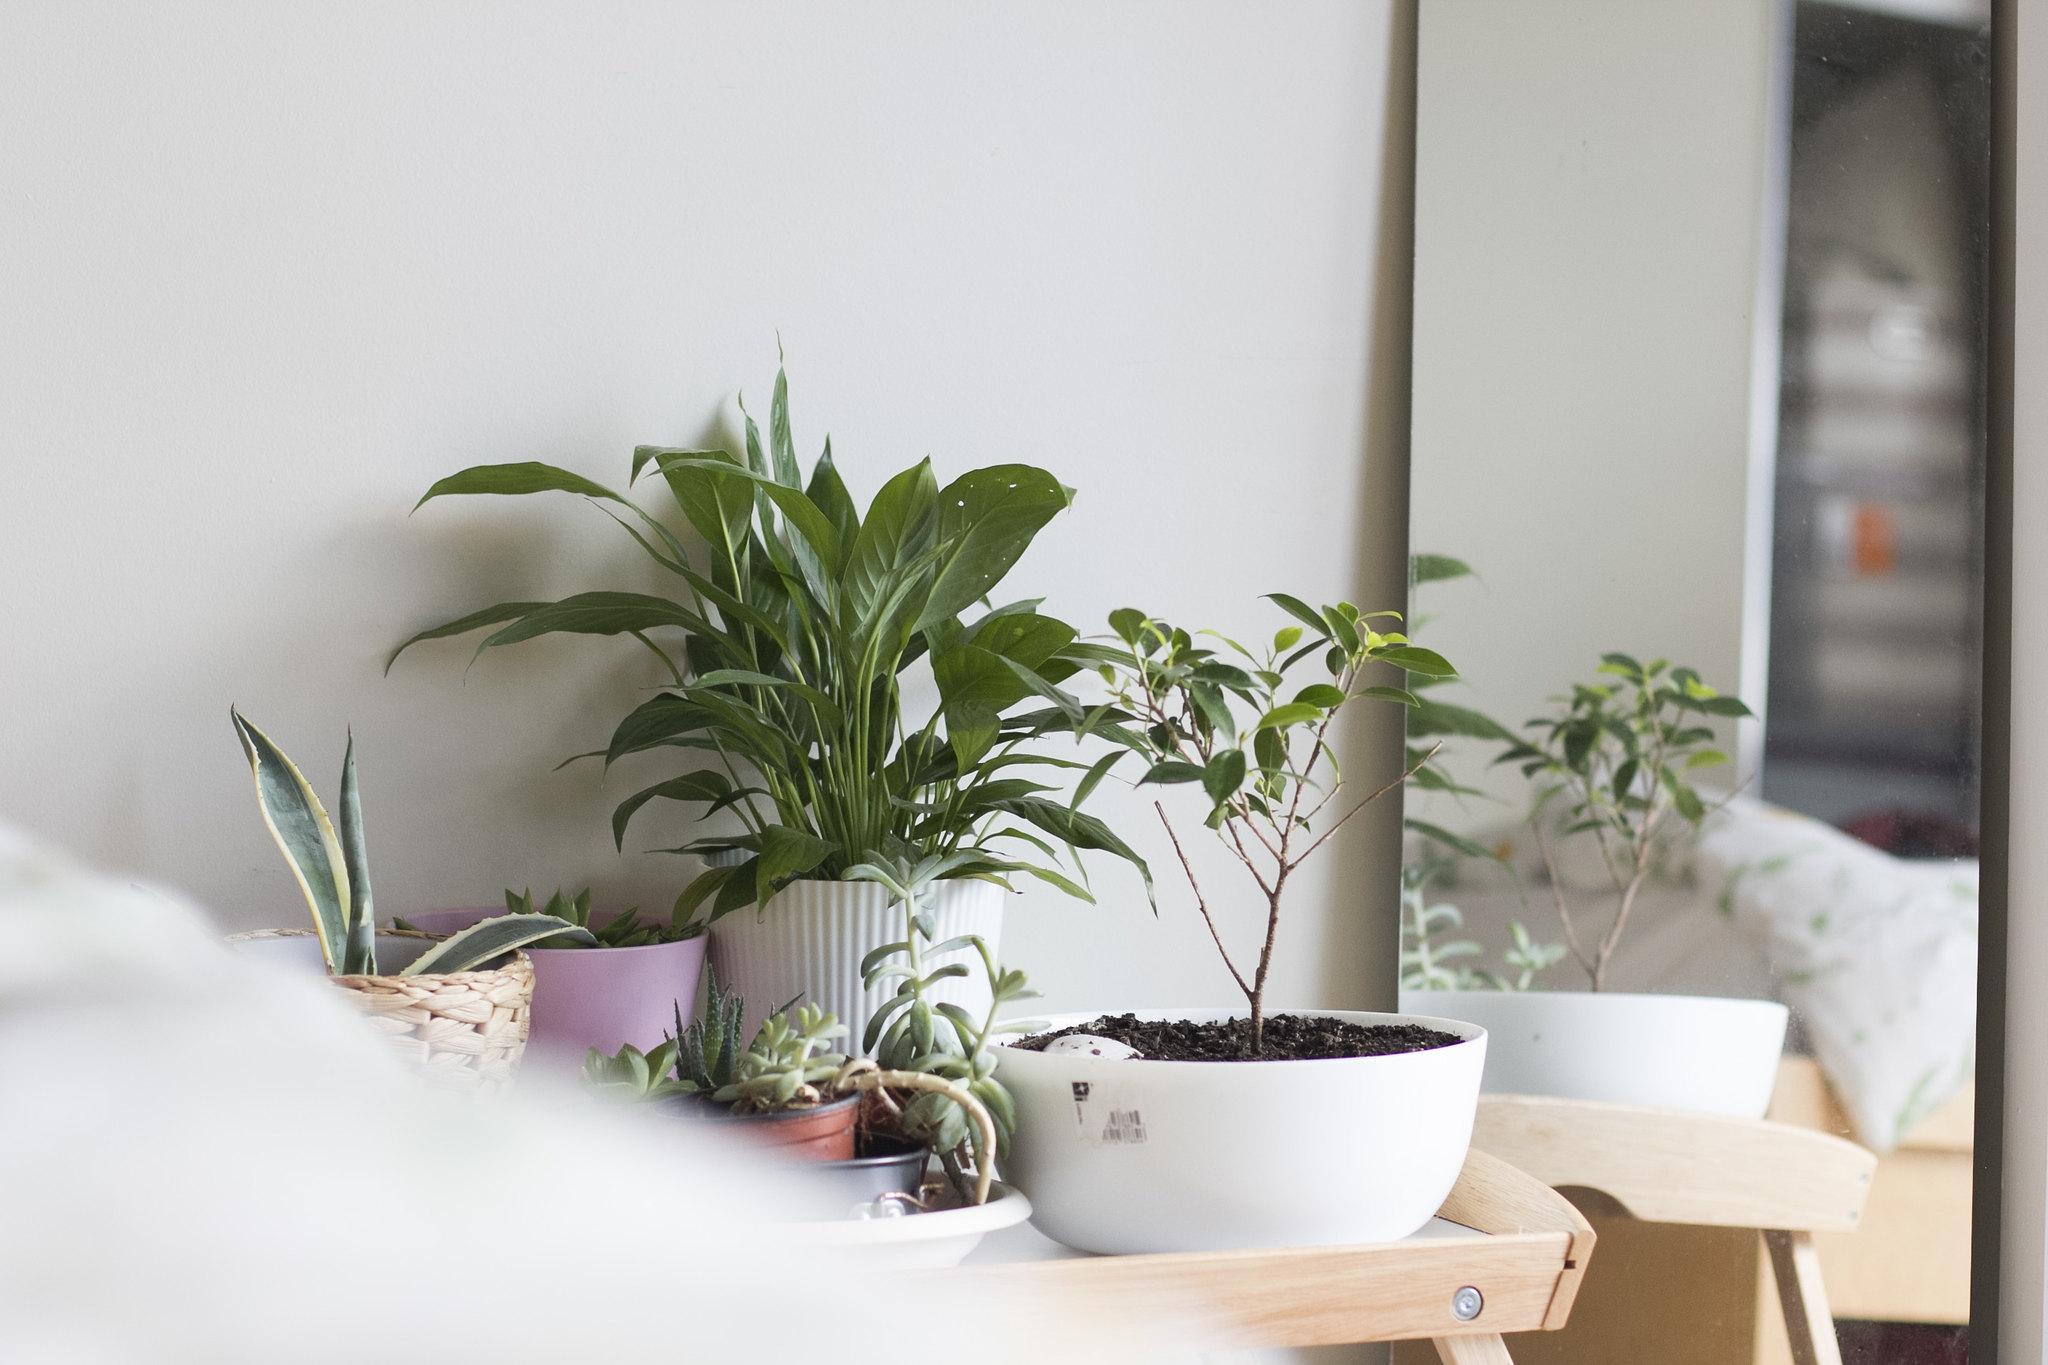 Plantevenner